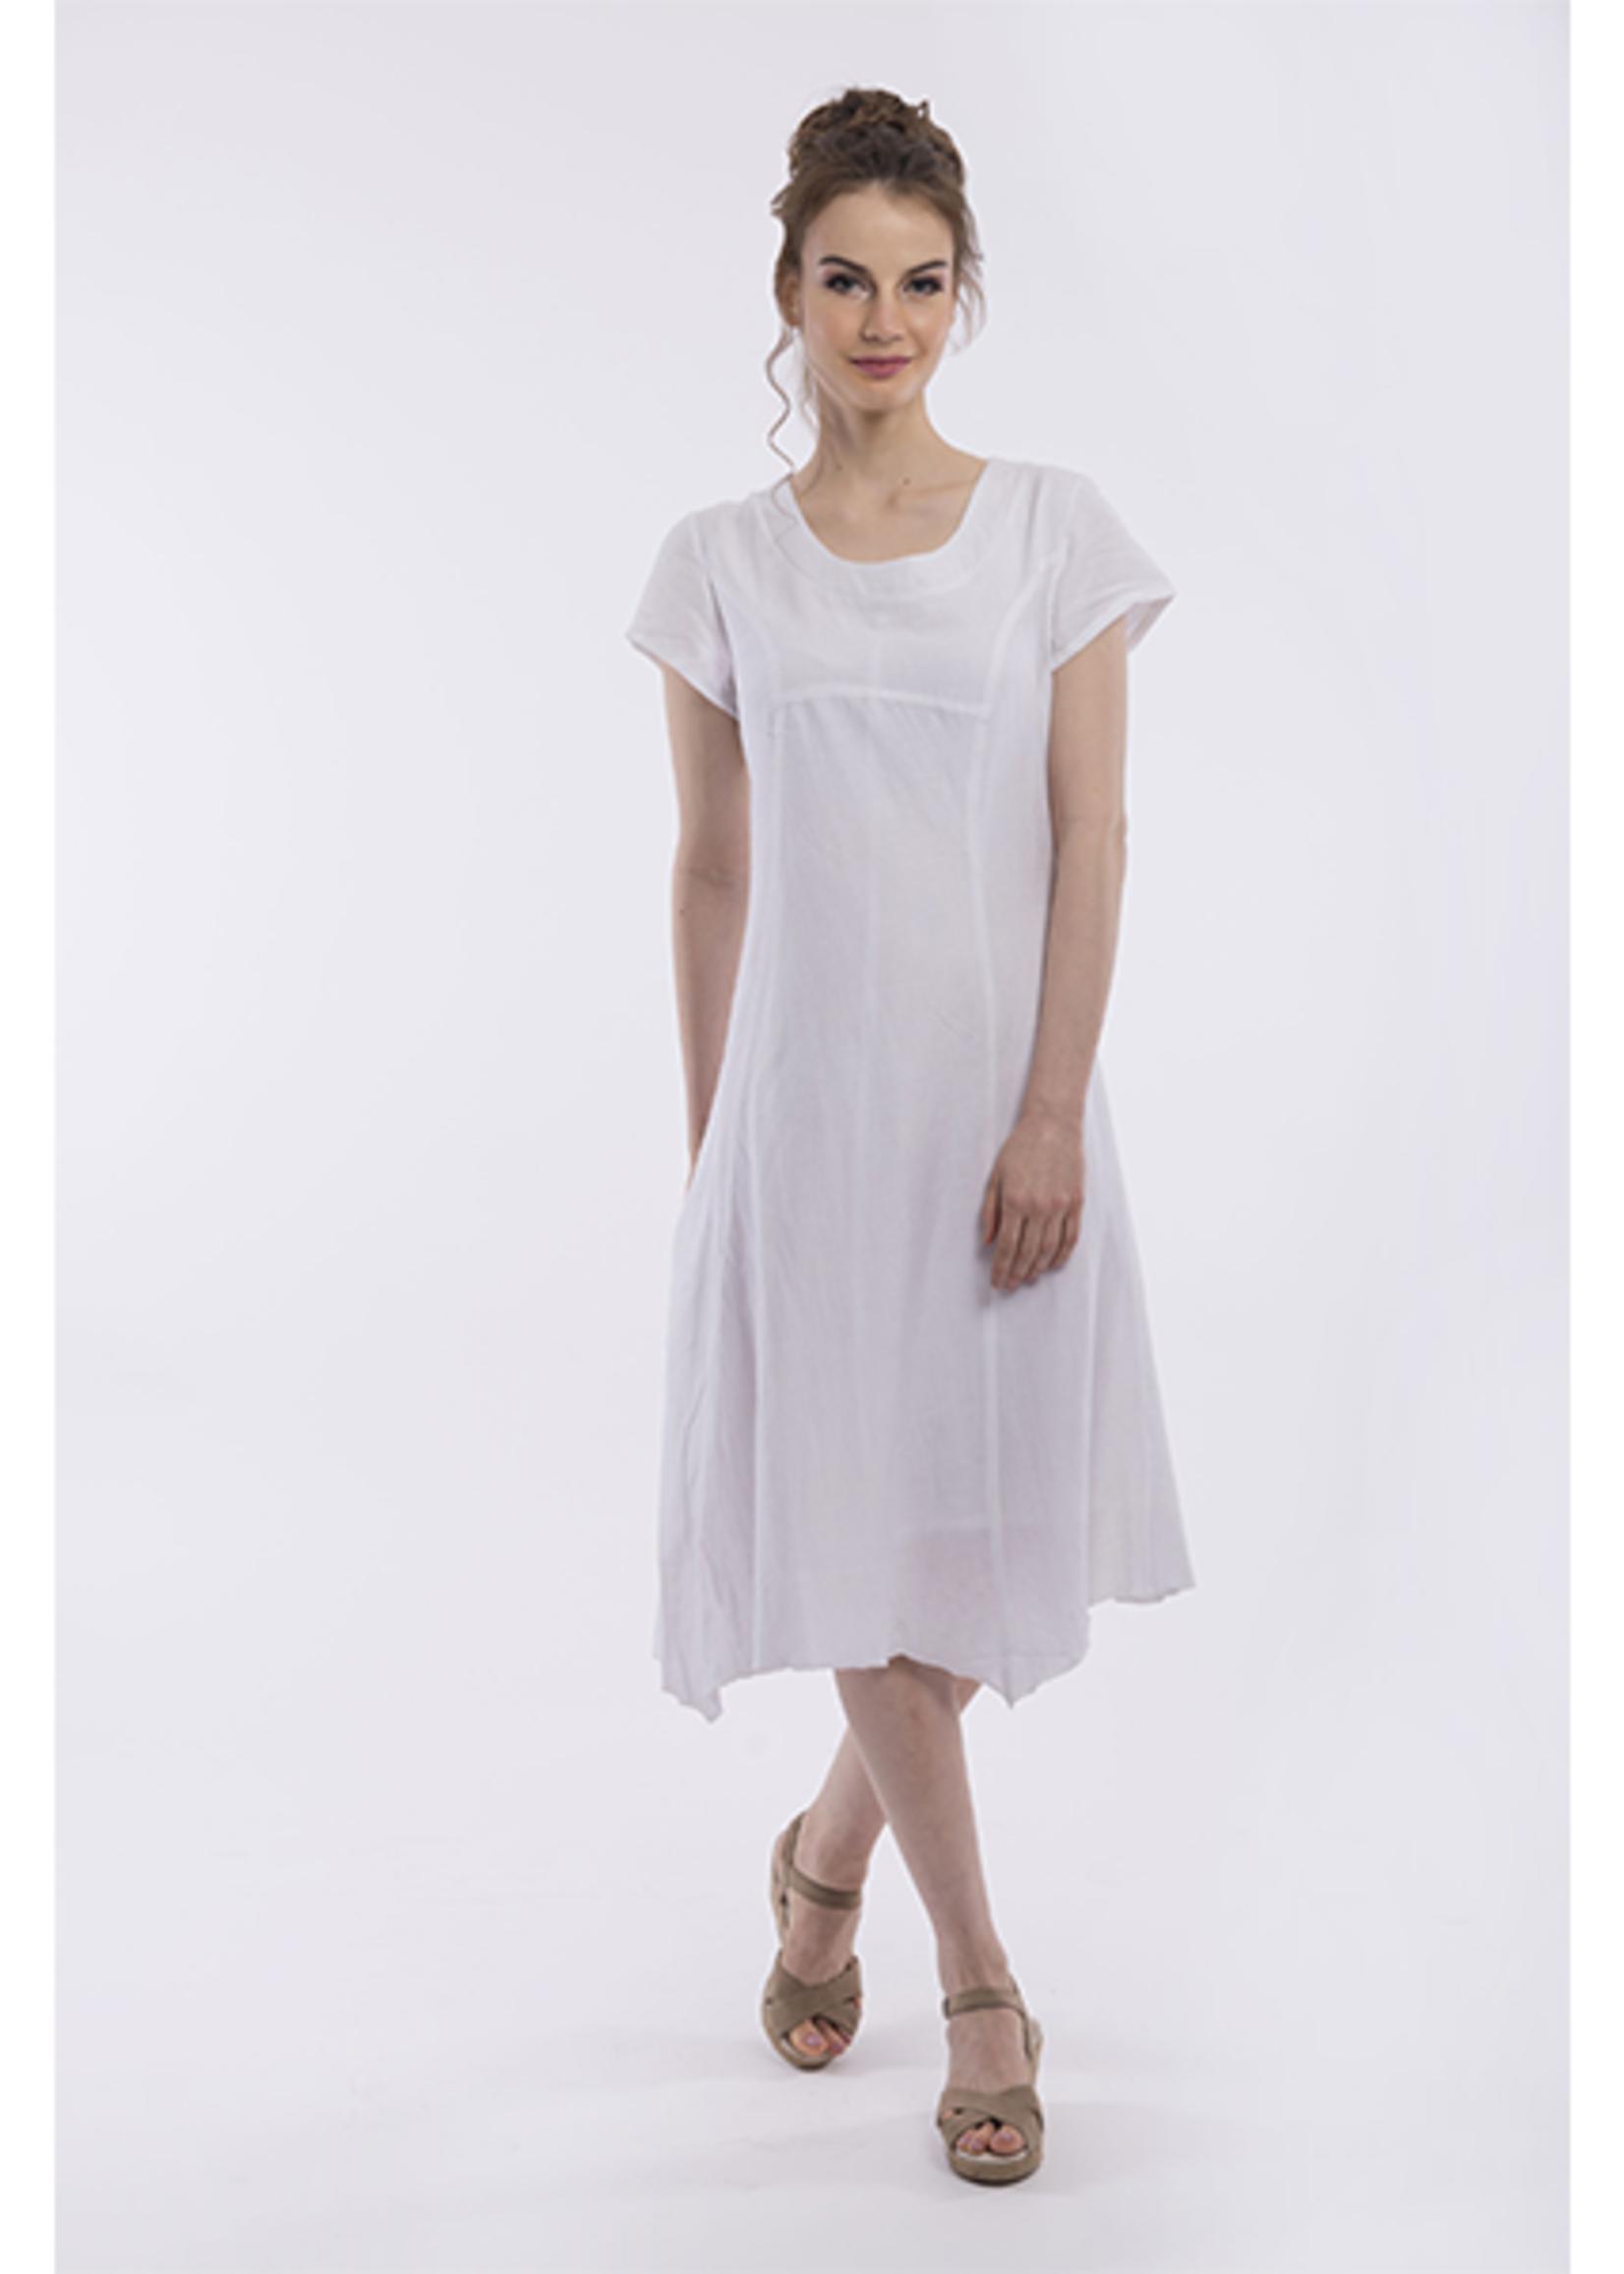 Orientique Linen Dress in White